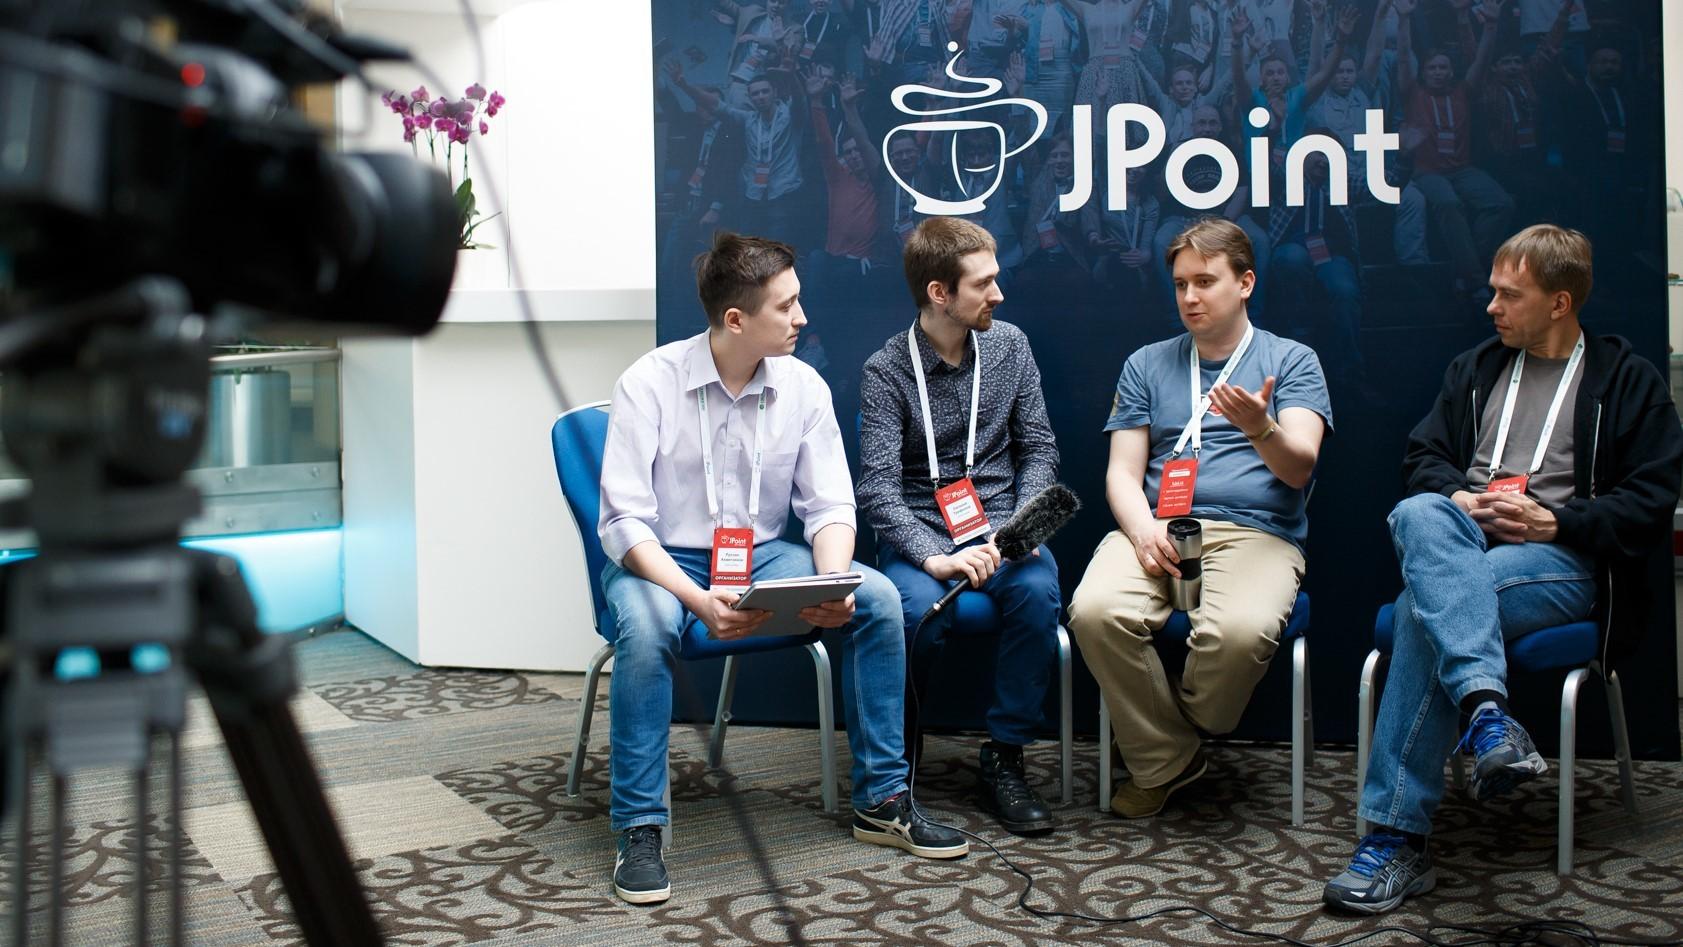 Бесплатная трансляция главного трека JPoint 2017. Сейчас! Без регистрации и смс - 10